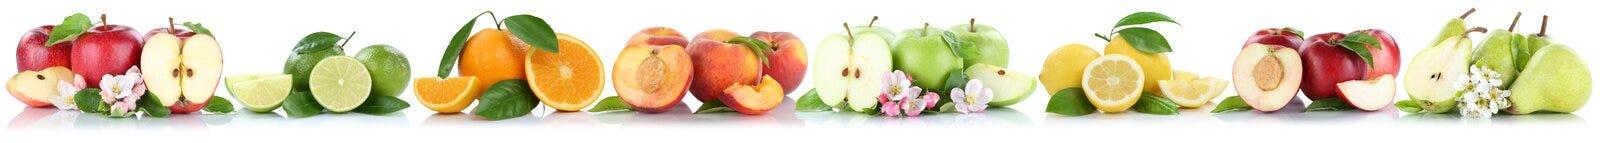 Owoc cytryny nektaryny jabłek jabłczane pomarańczowe pomarańcze owocowe w ro Obrazy Royalty Free